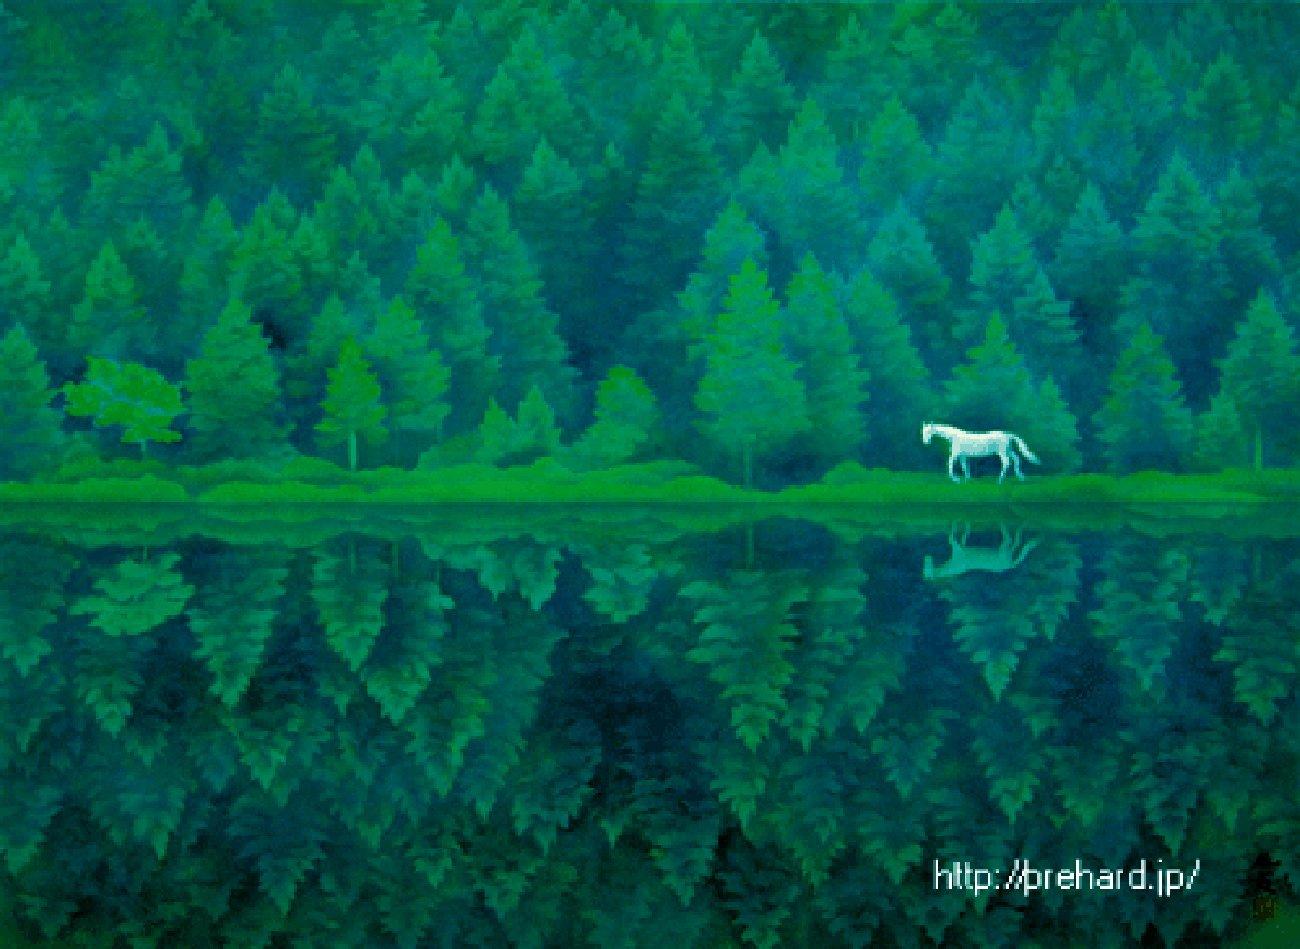 「東山魁夷 緑響く」の画像検索結果